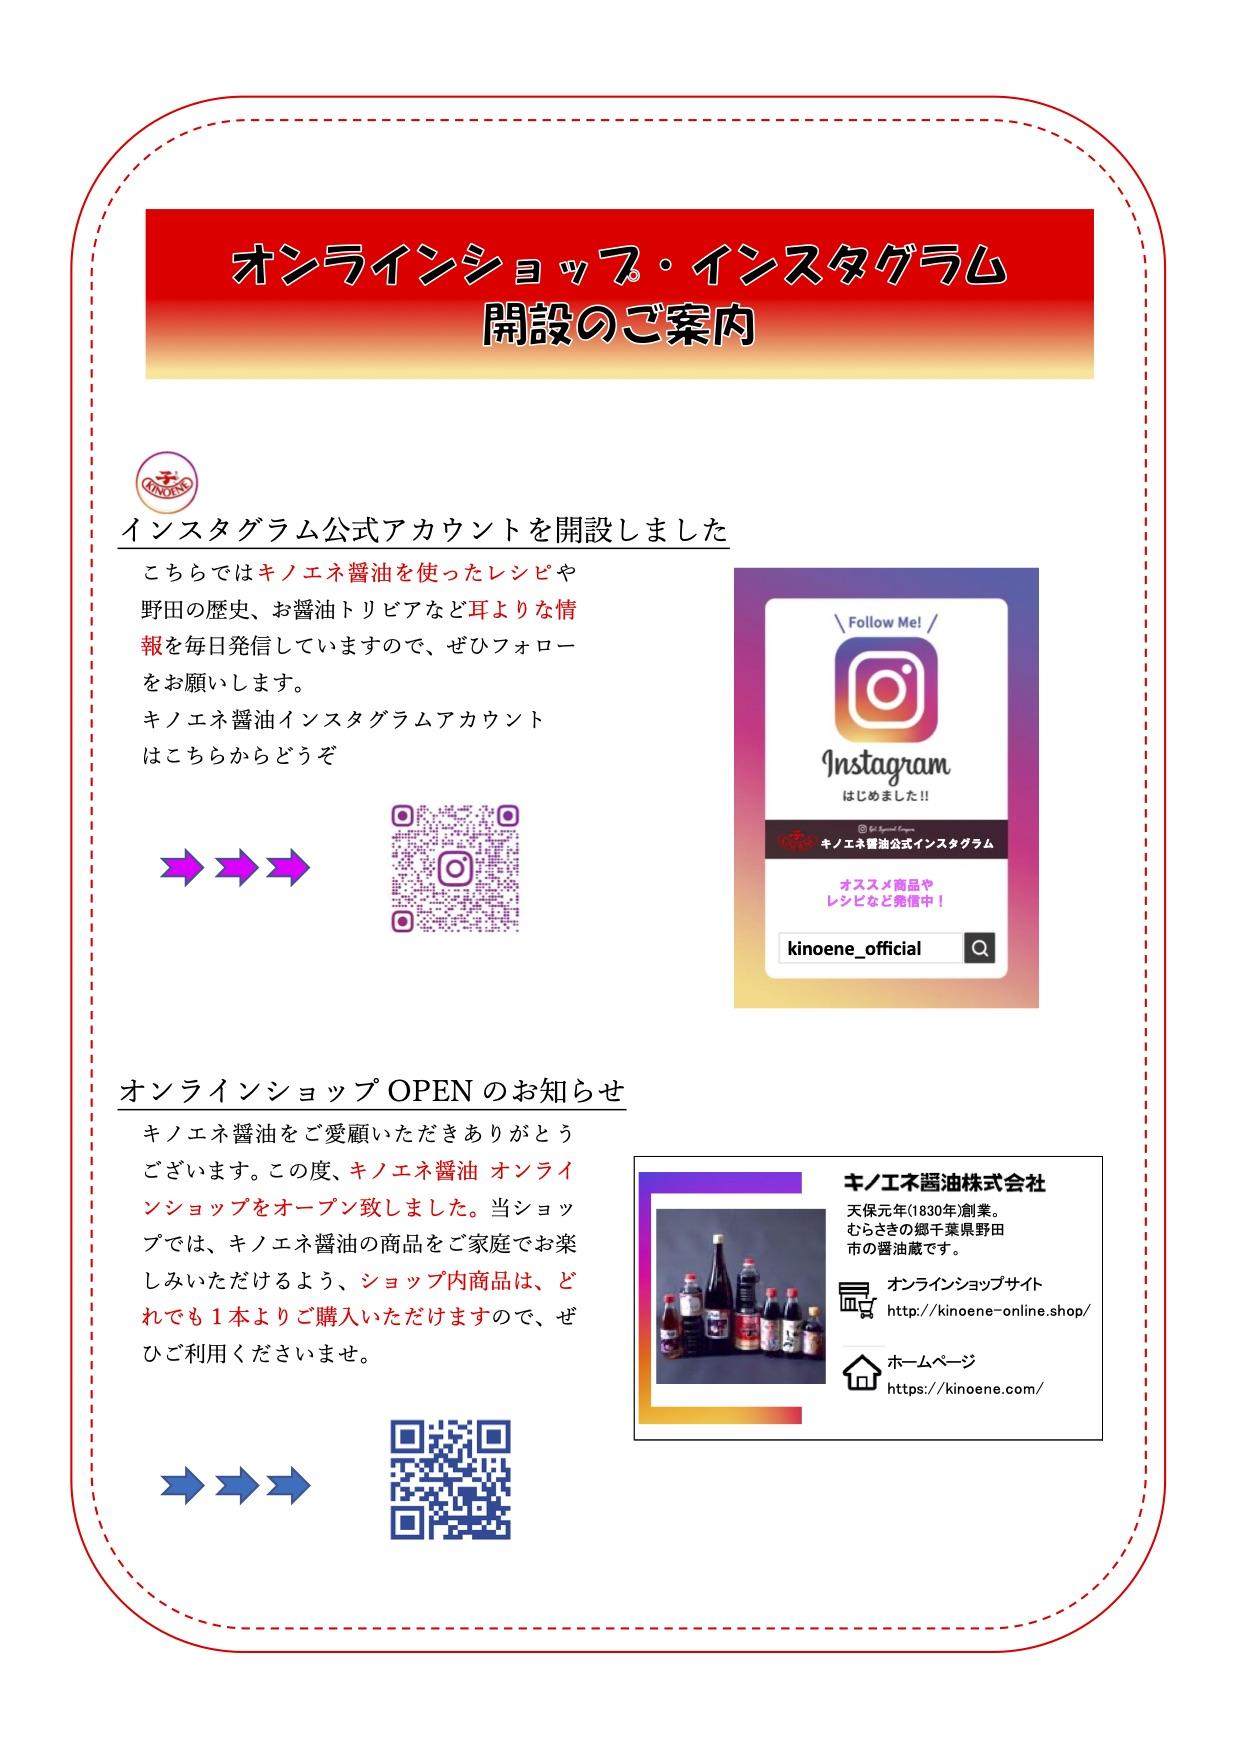 2021 キノエネ 春キャンペーン 【お得意様限定】